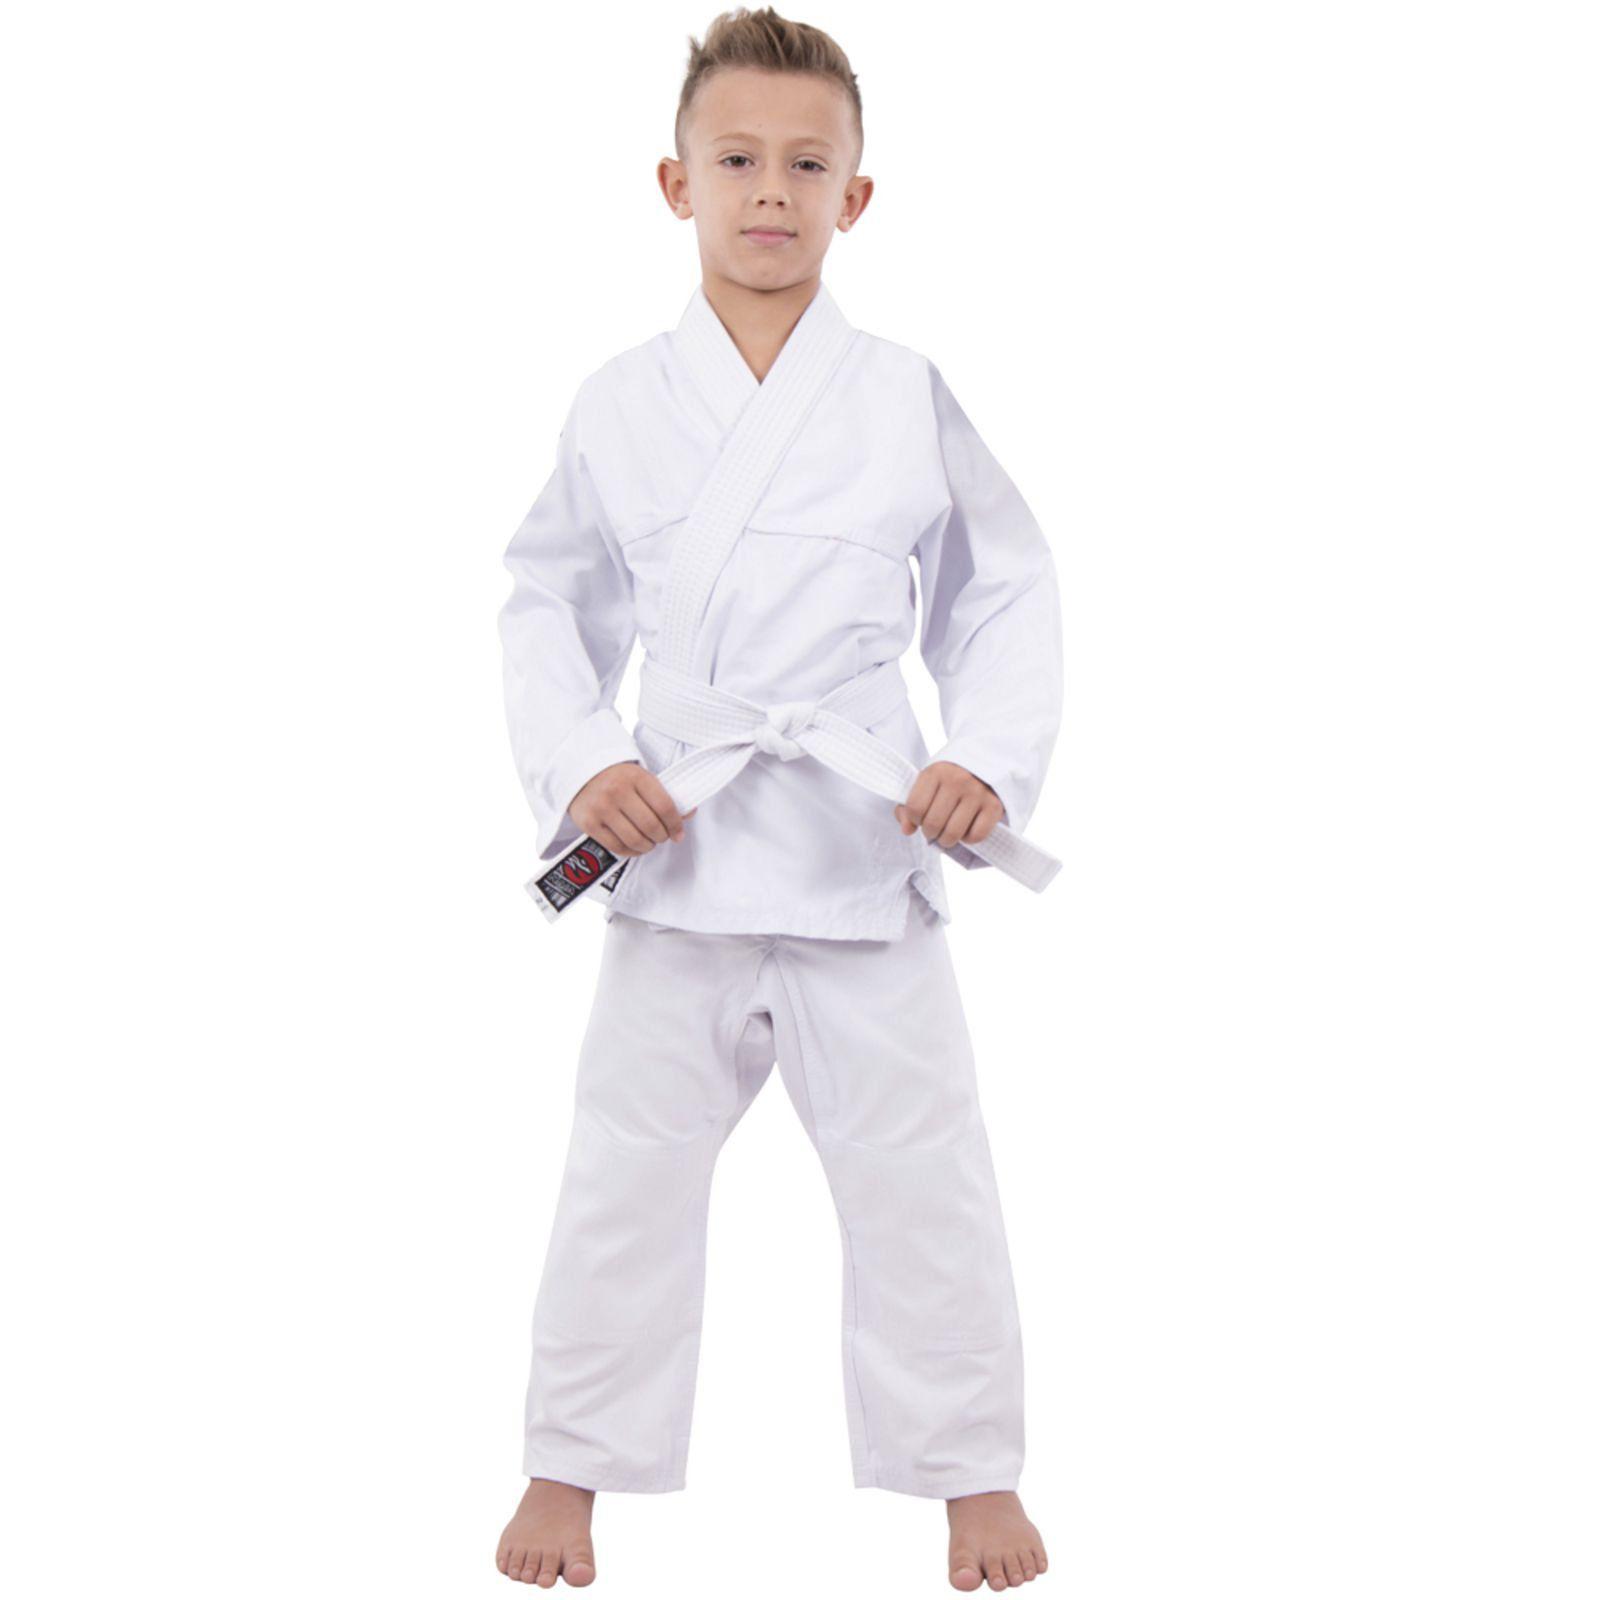 Kimono Infantil Jiu jitsu -  Judô Sarja Reforçada Branco Naja